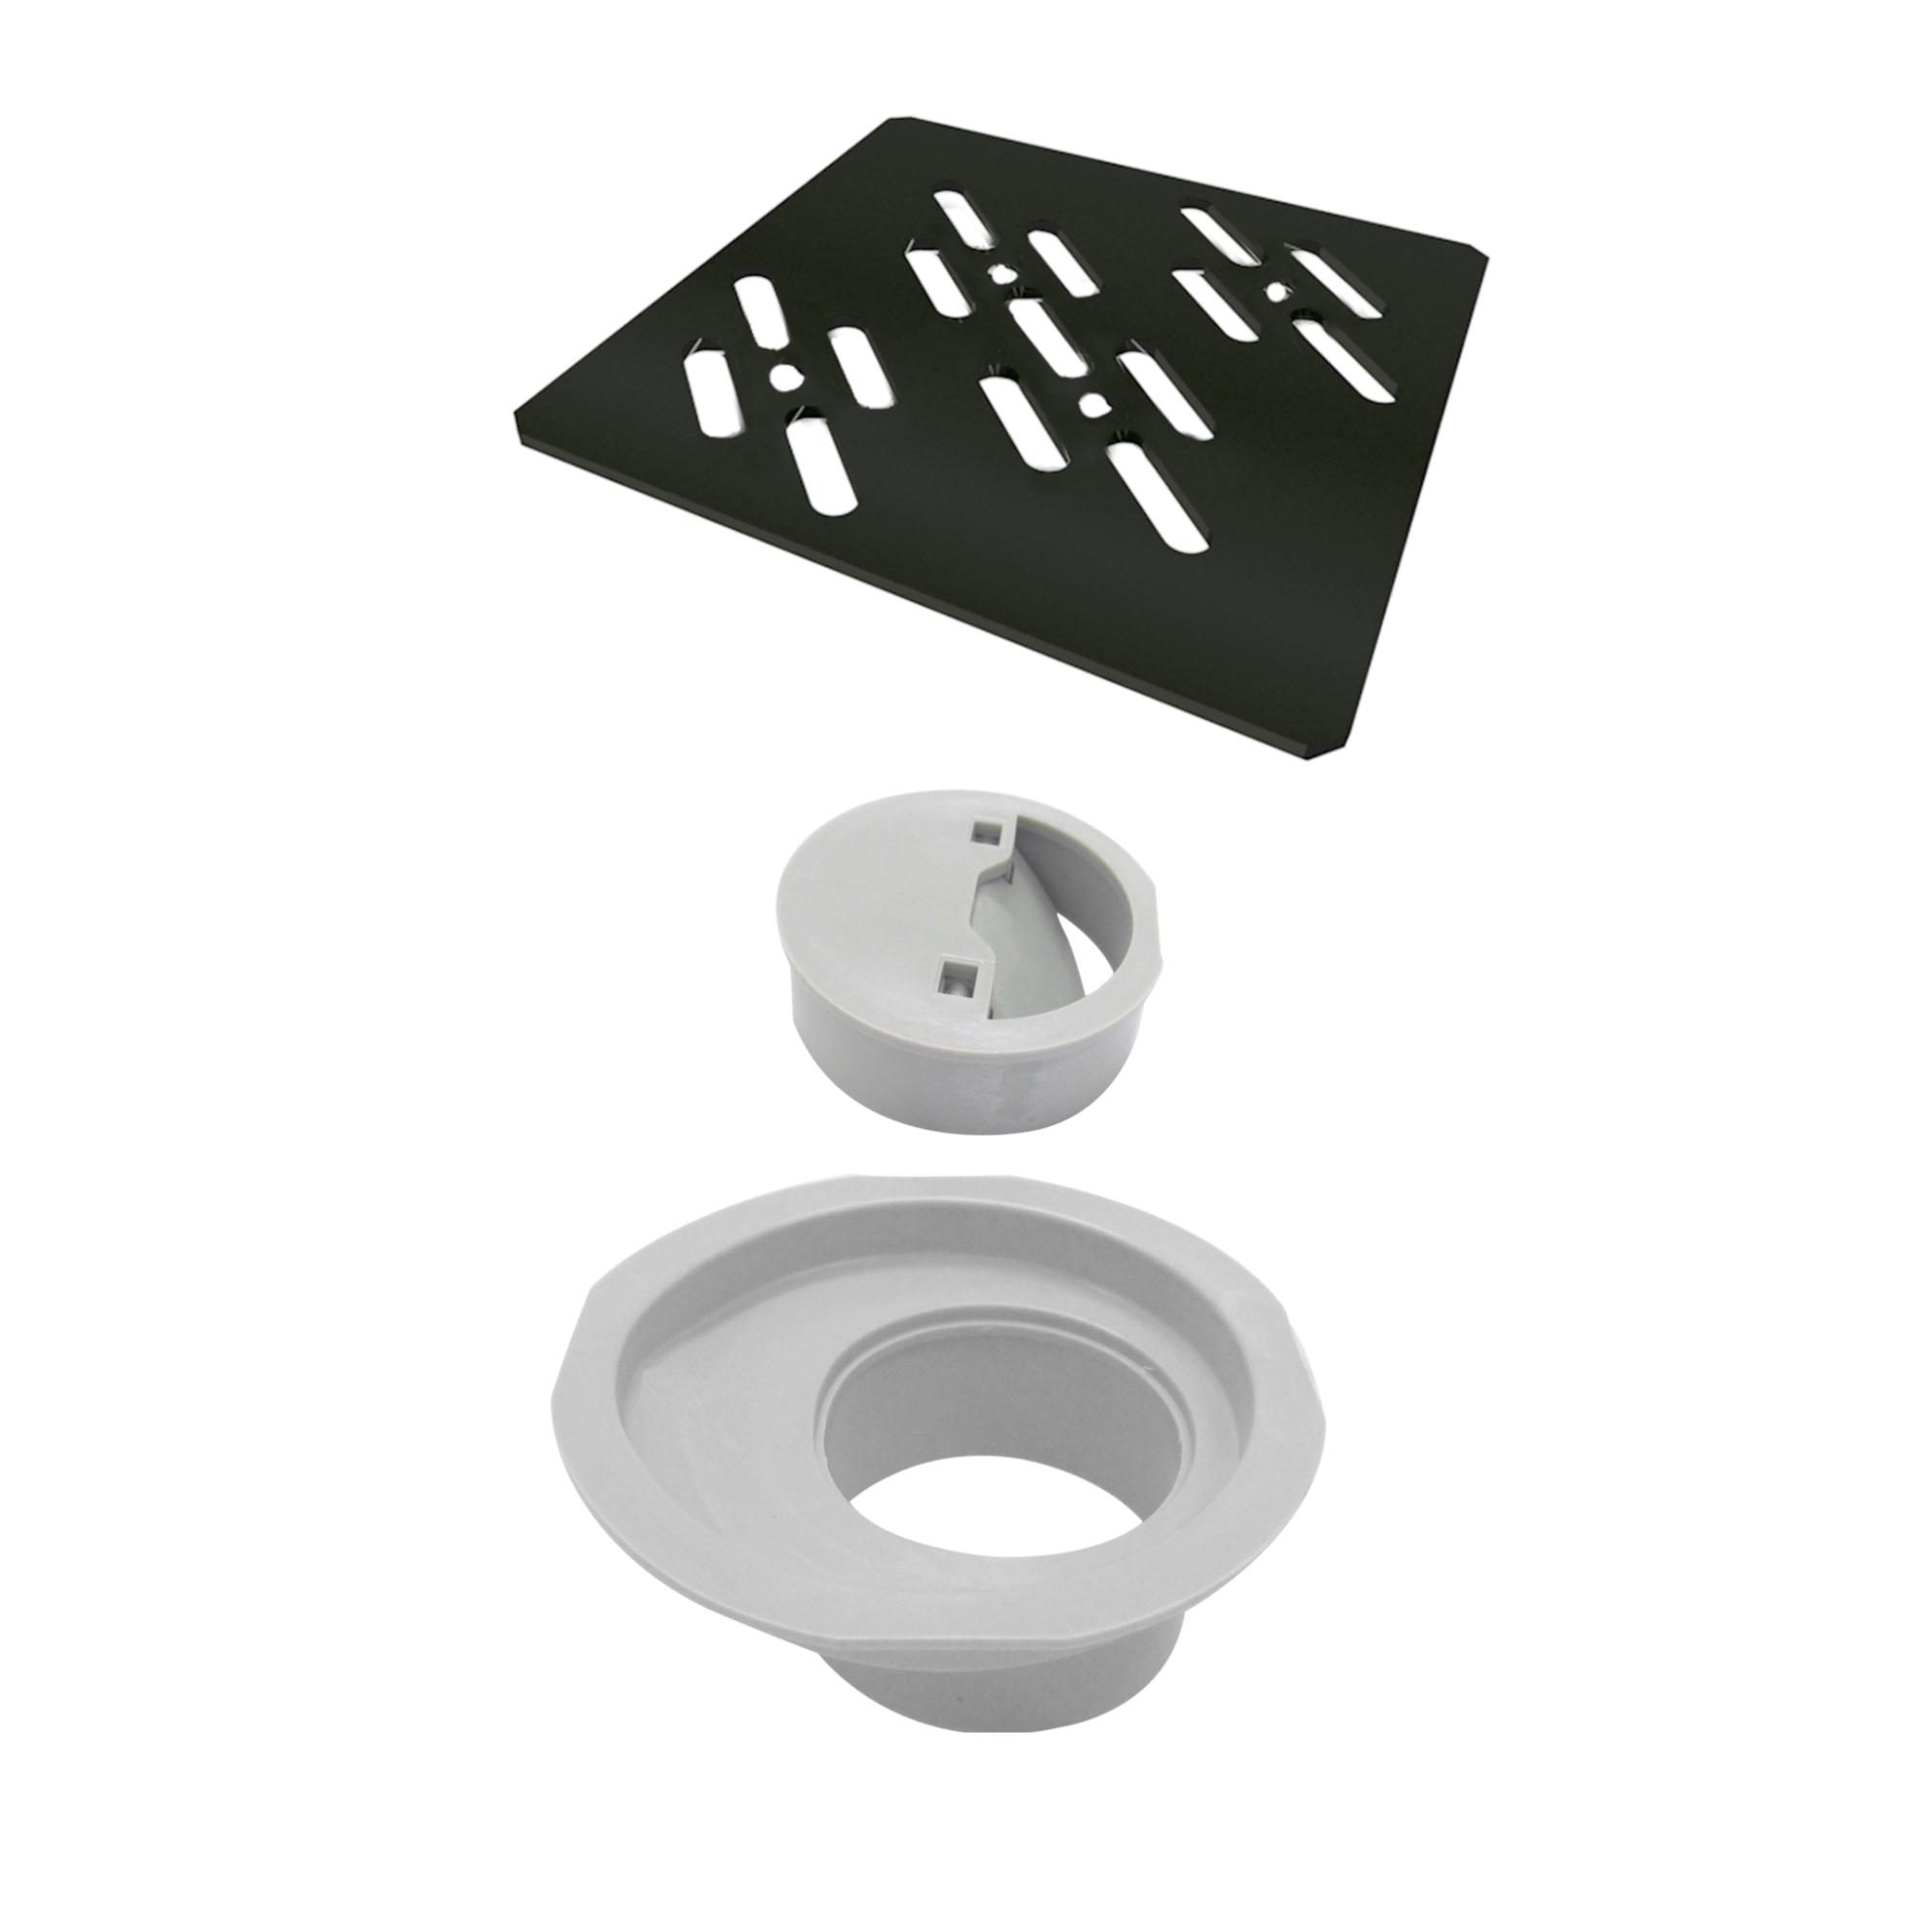 Grelha Para Caixa Sifonada Quadrada 10cm 4022 - Ralo Linear